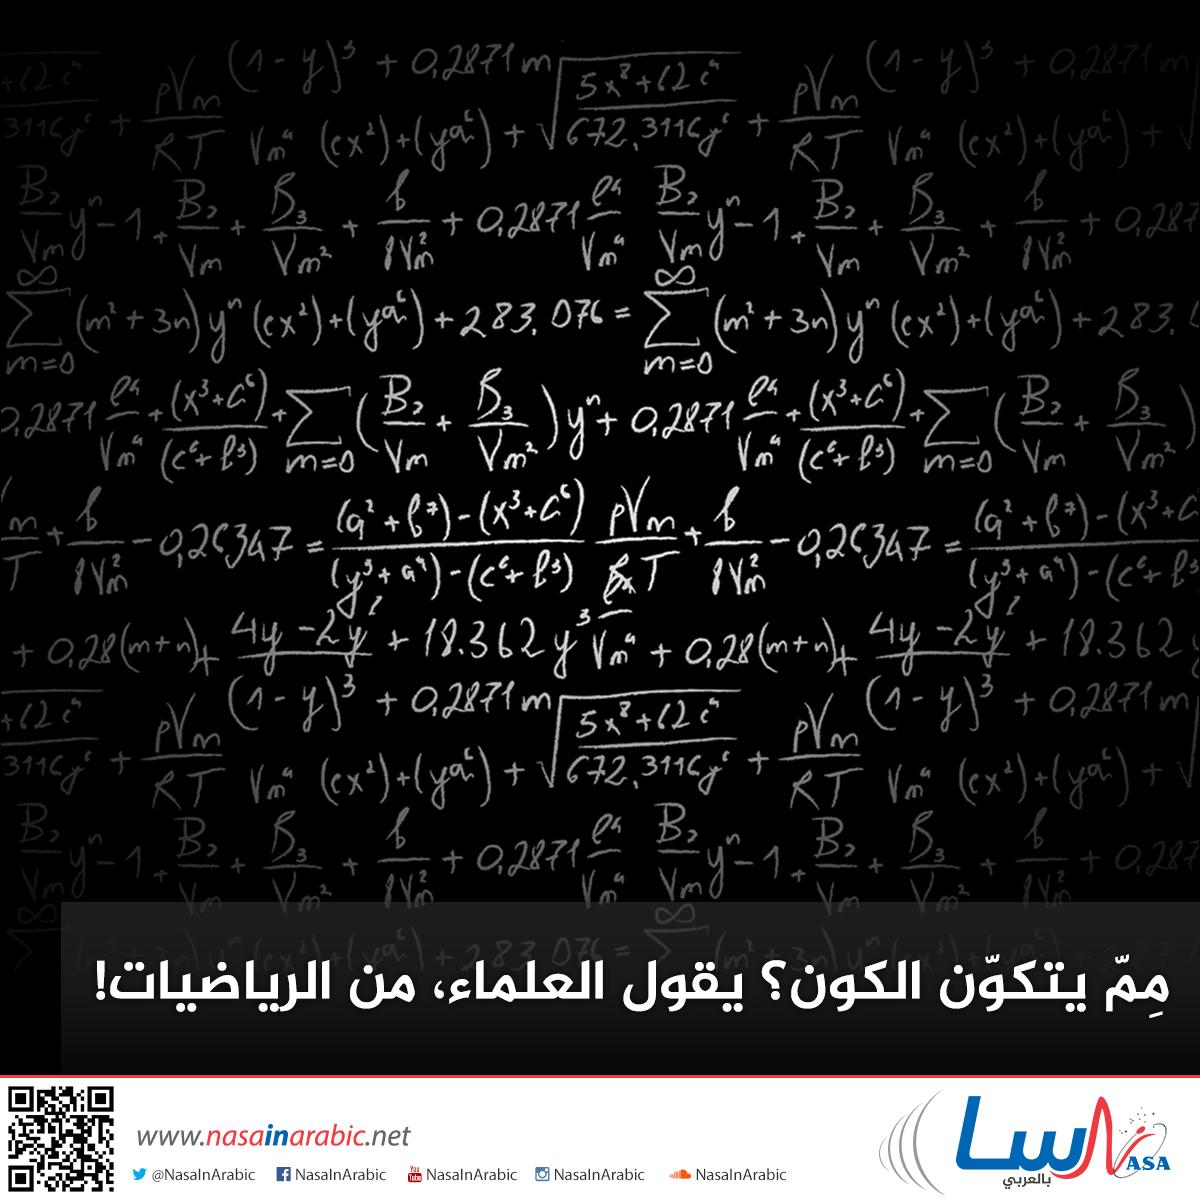 مِمّ يتكوّن الكون؟ يقول العلماء: من الرياضيات!